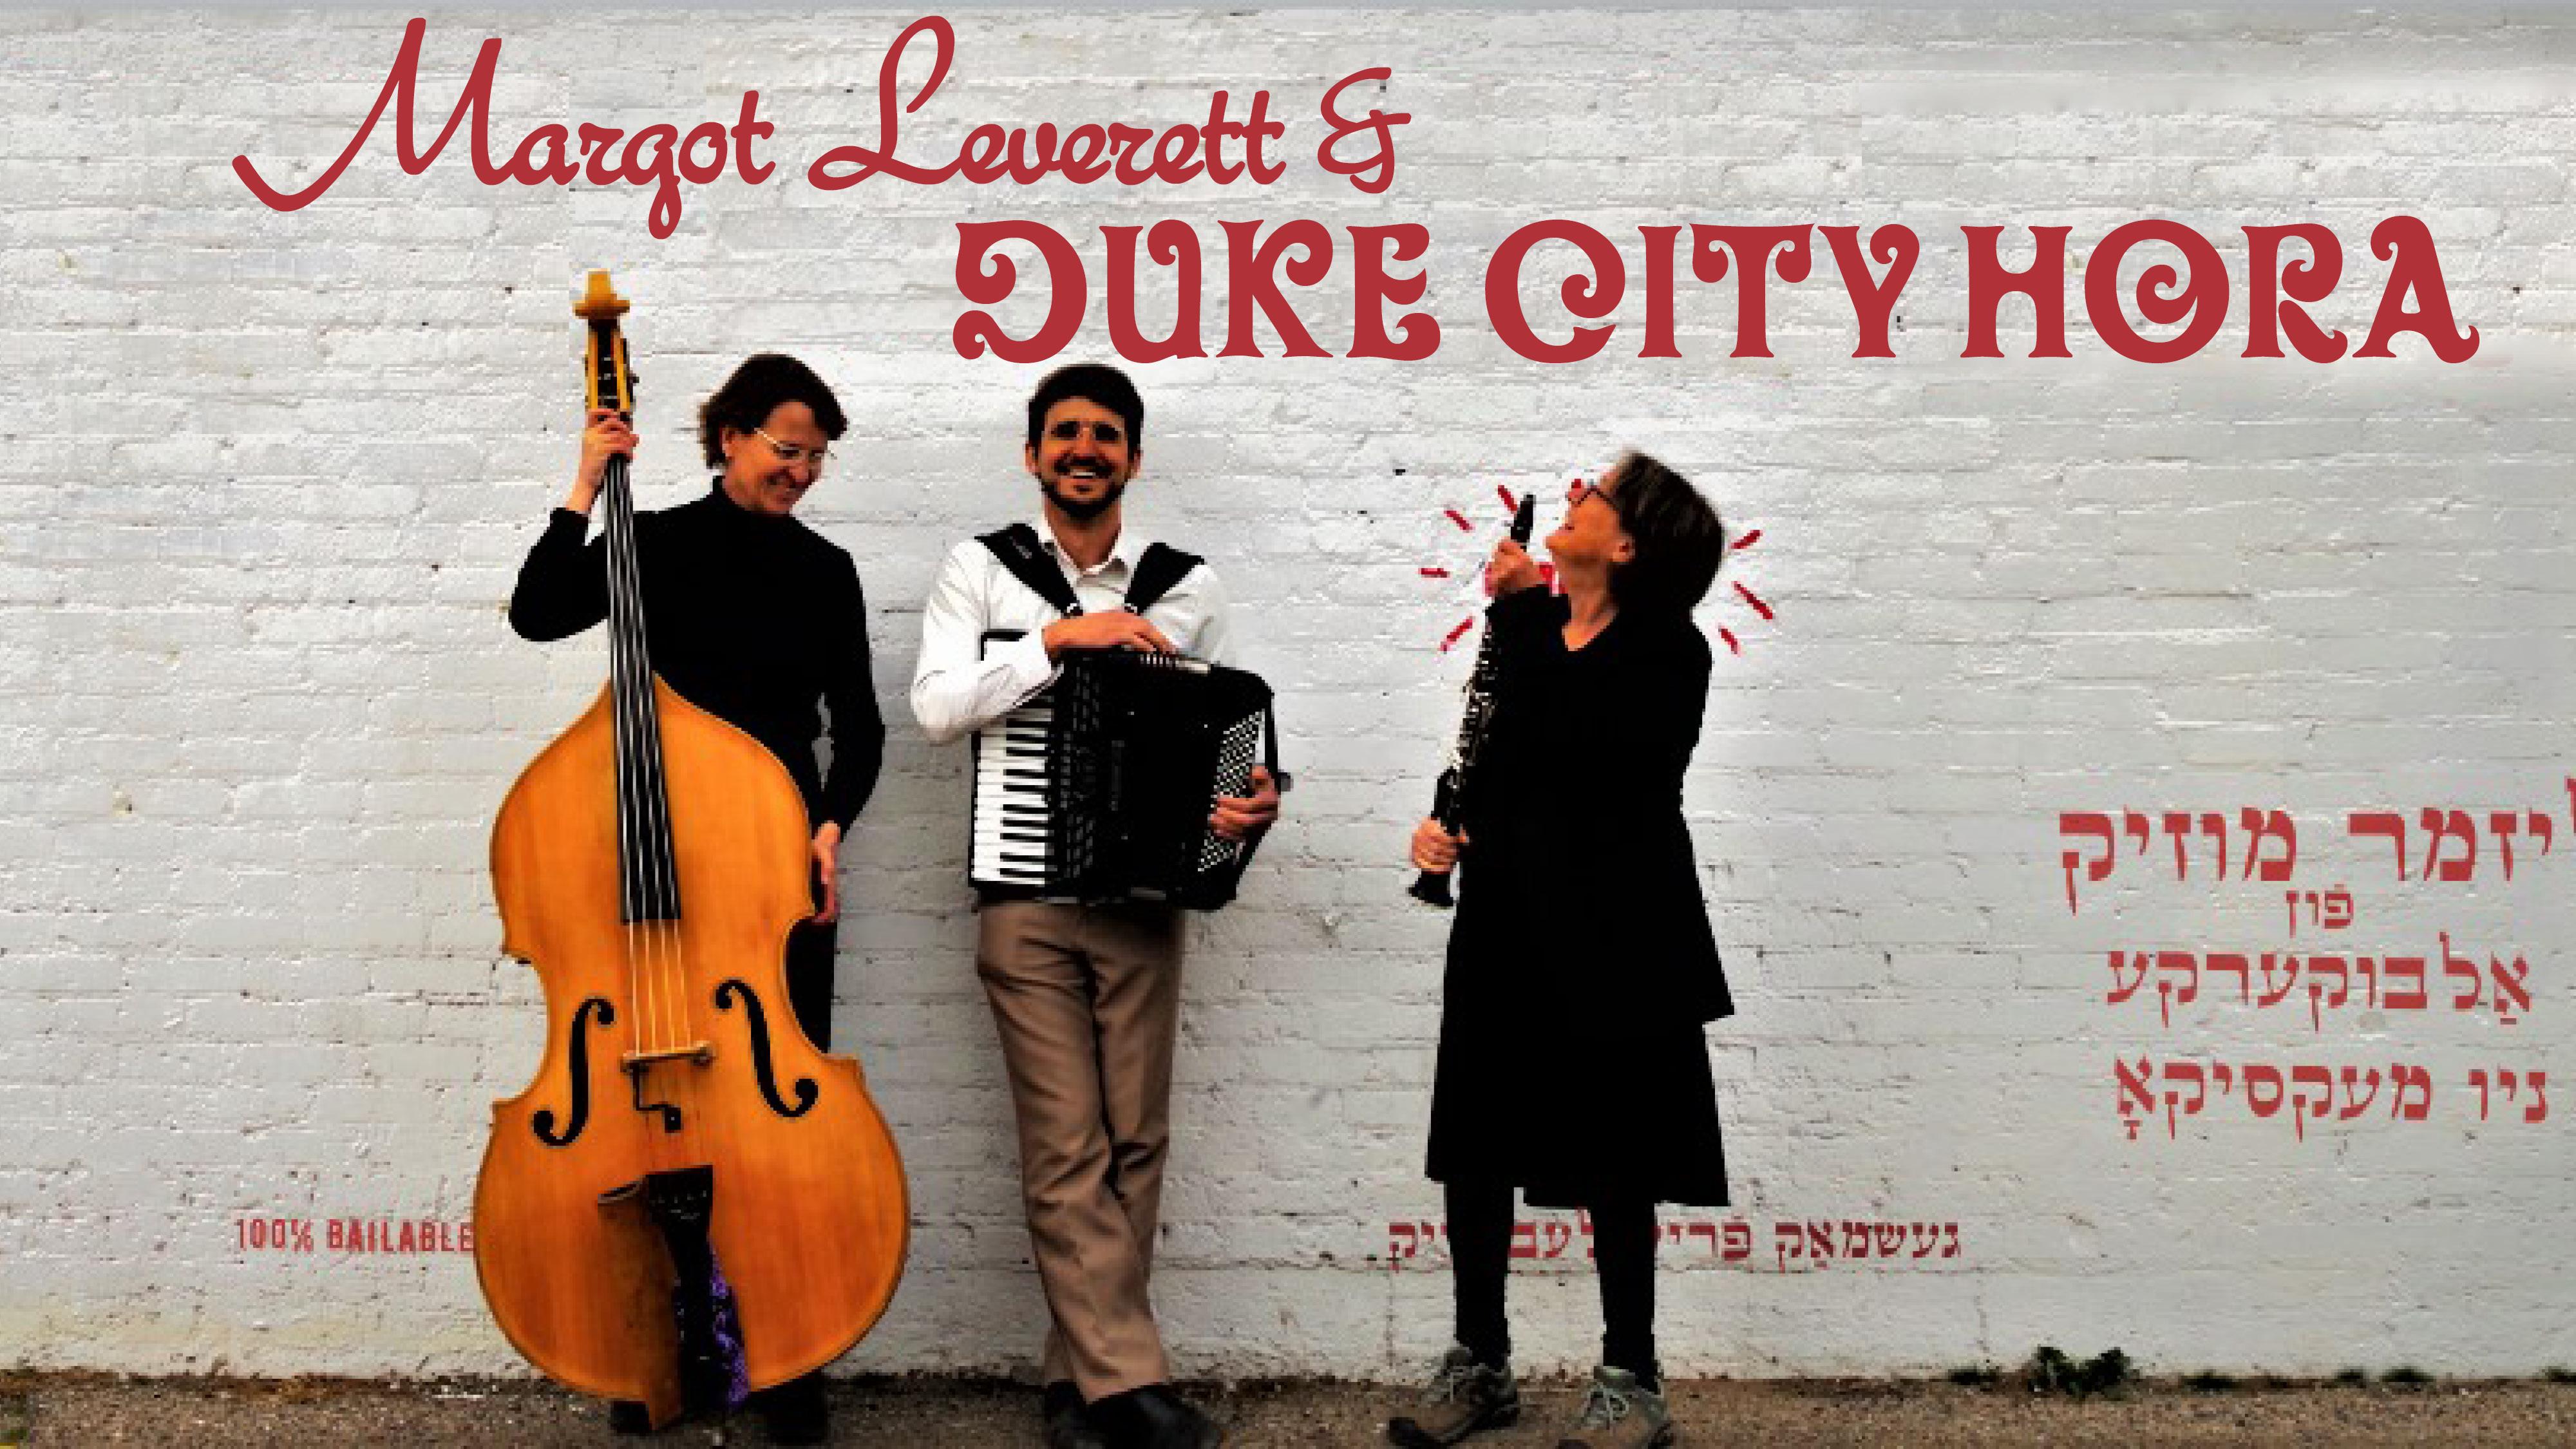 Duke City Hora banner